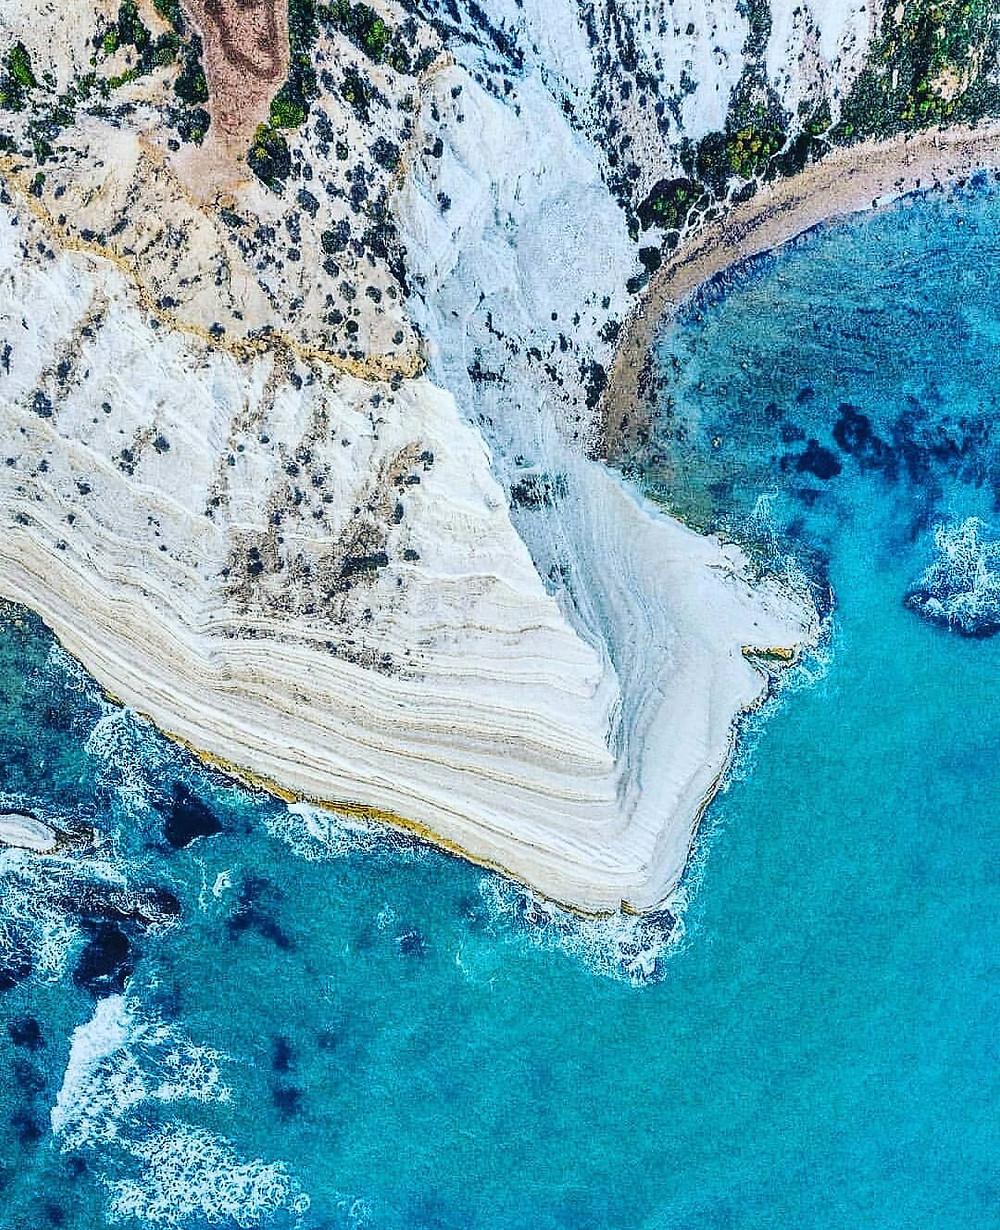 scala dei turchi, sicilia